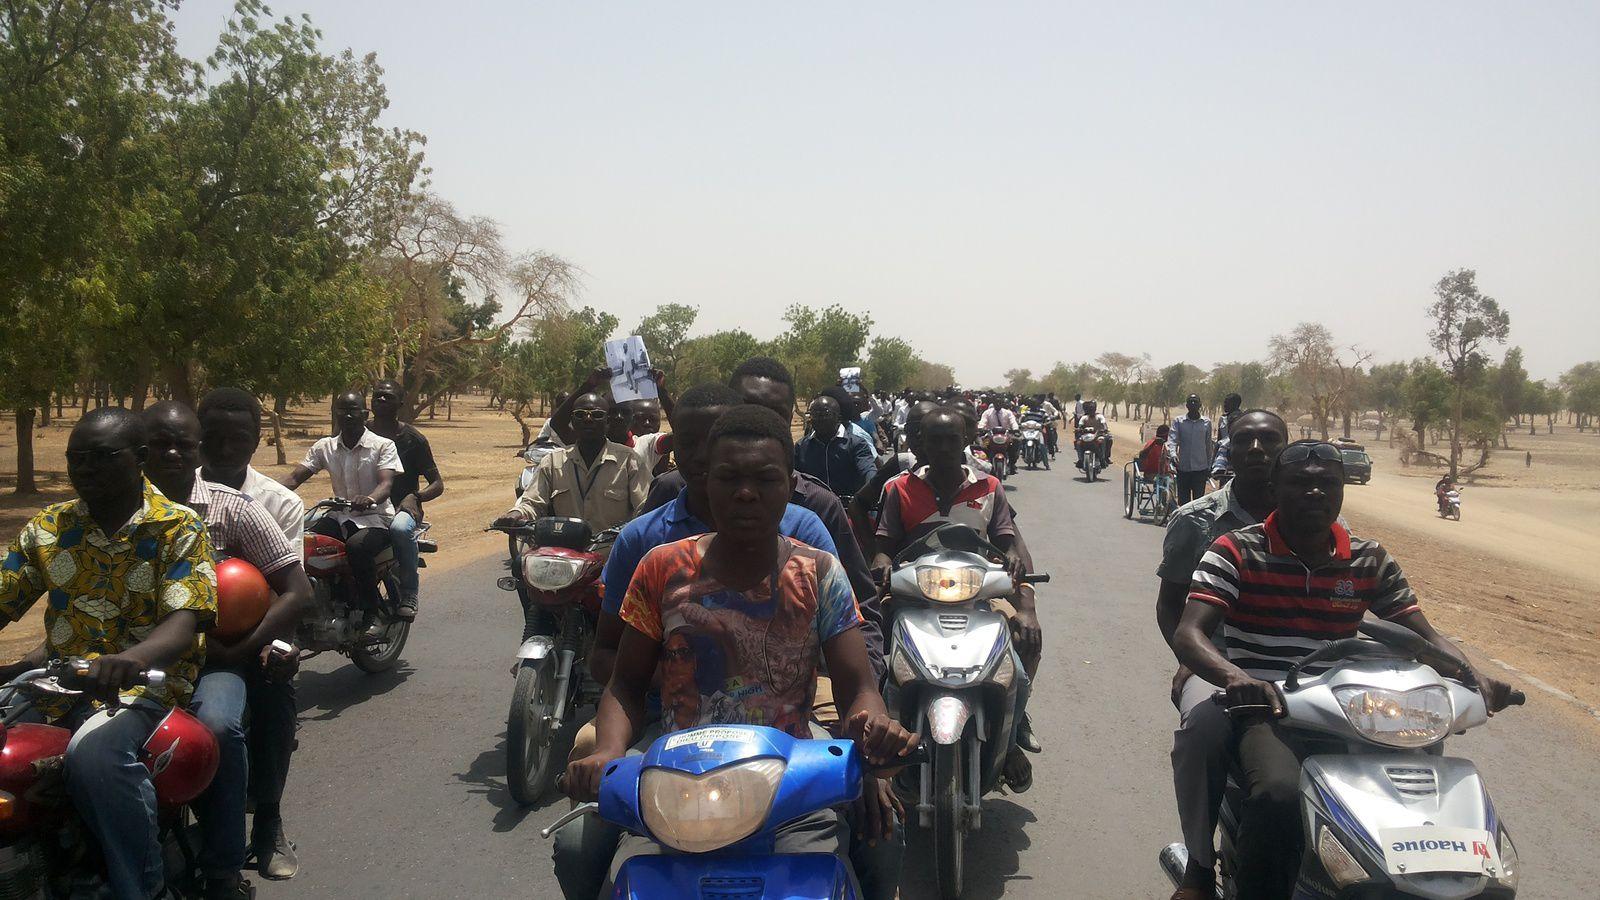 Exclusivité: démonstration de forces des étudiants tchadiens face aux forces de l'ordre